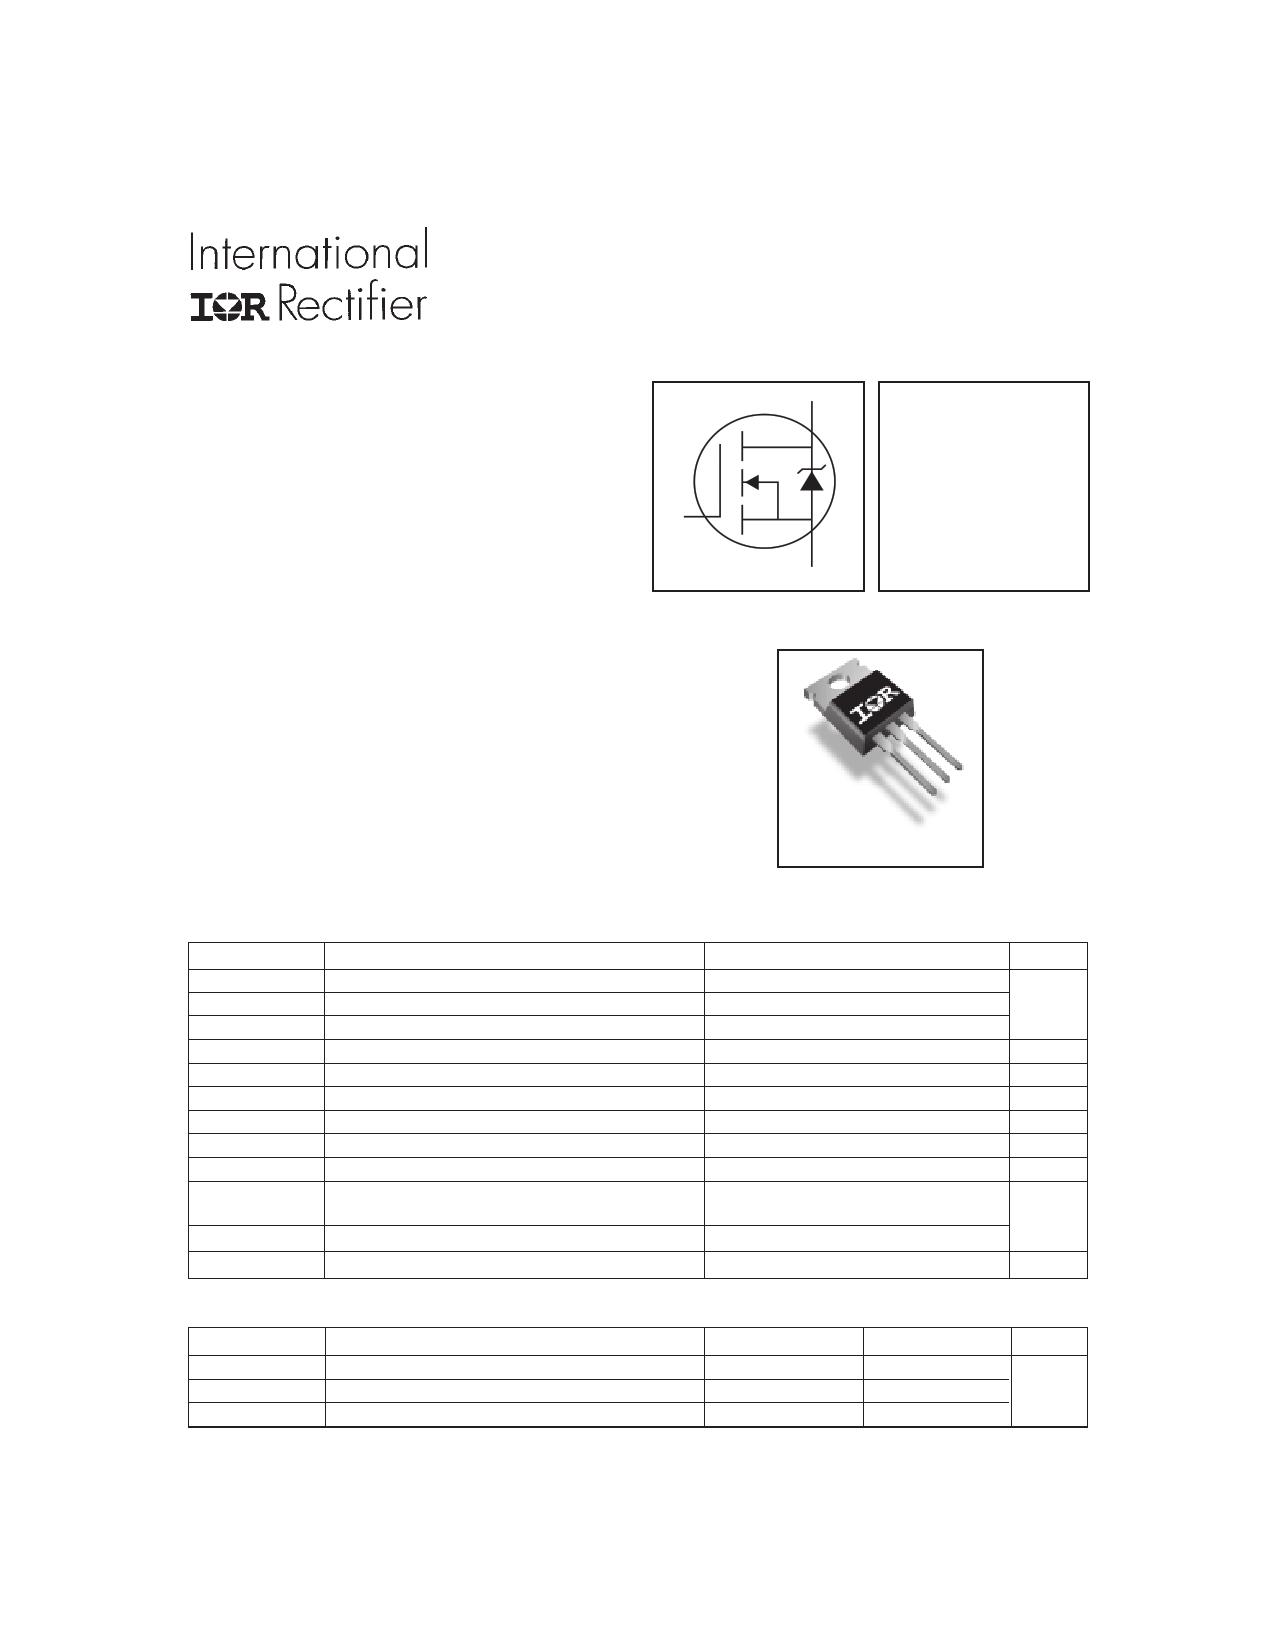 IRFZ48NPBF Datasheet, IRFZ48NPBF PDF,ピン配置, 機能